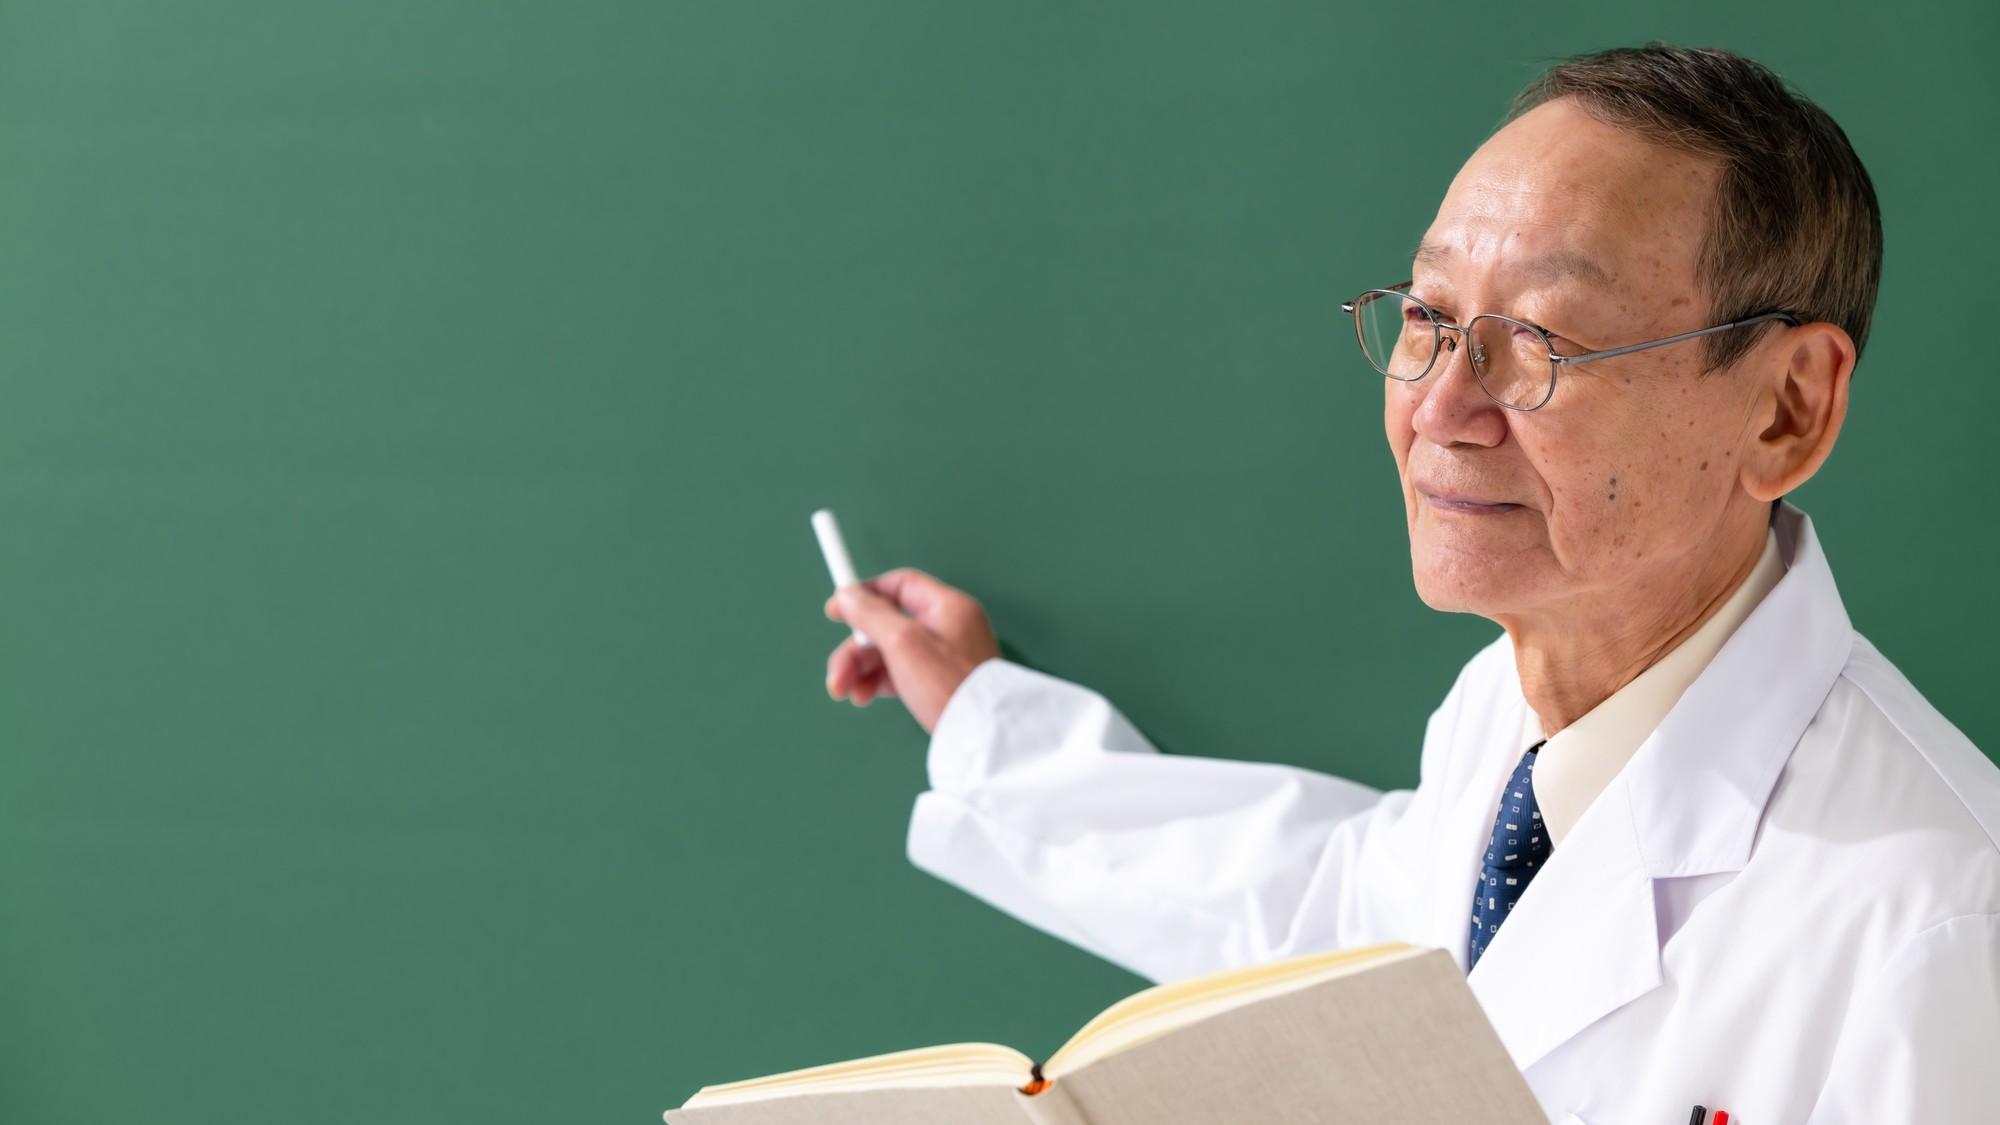 人命を預かる医師にふさわしい趣味…「哲学」でストレス解消を